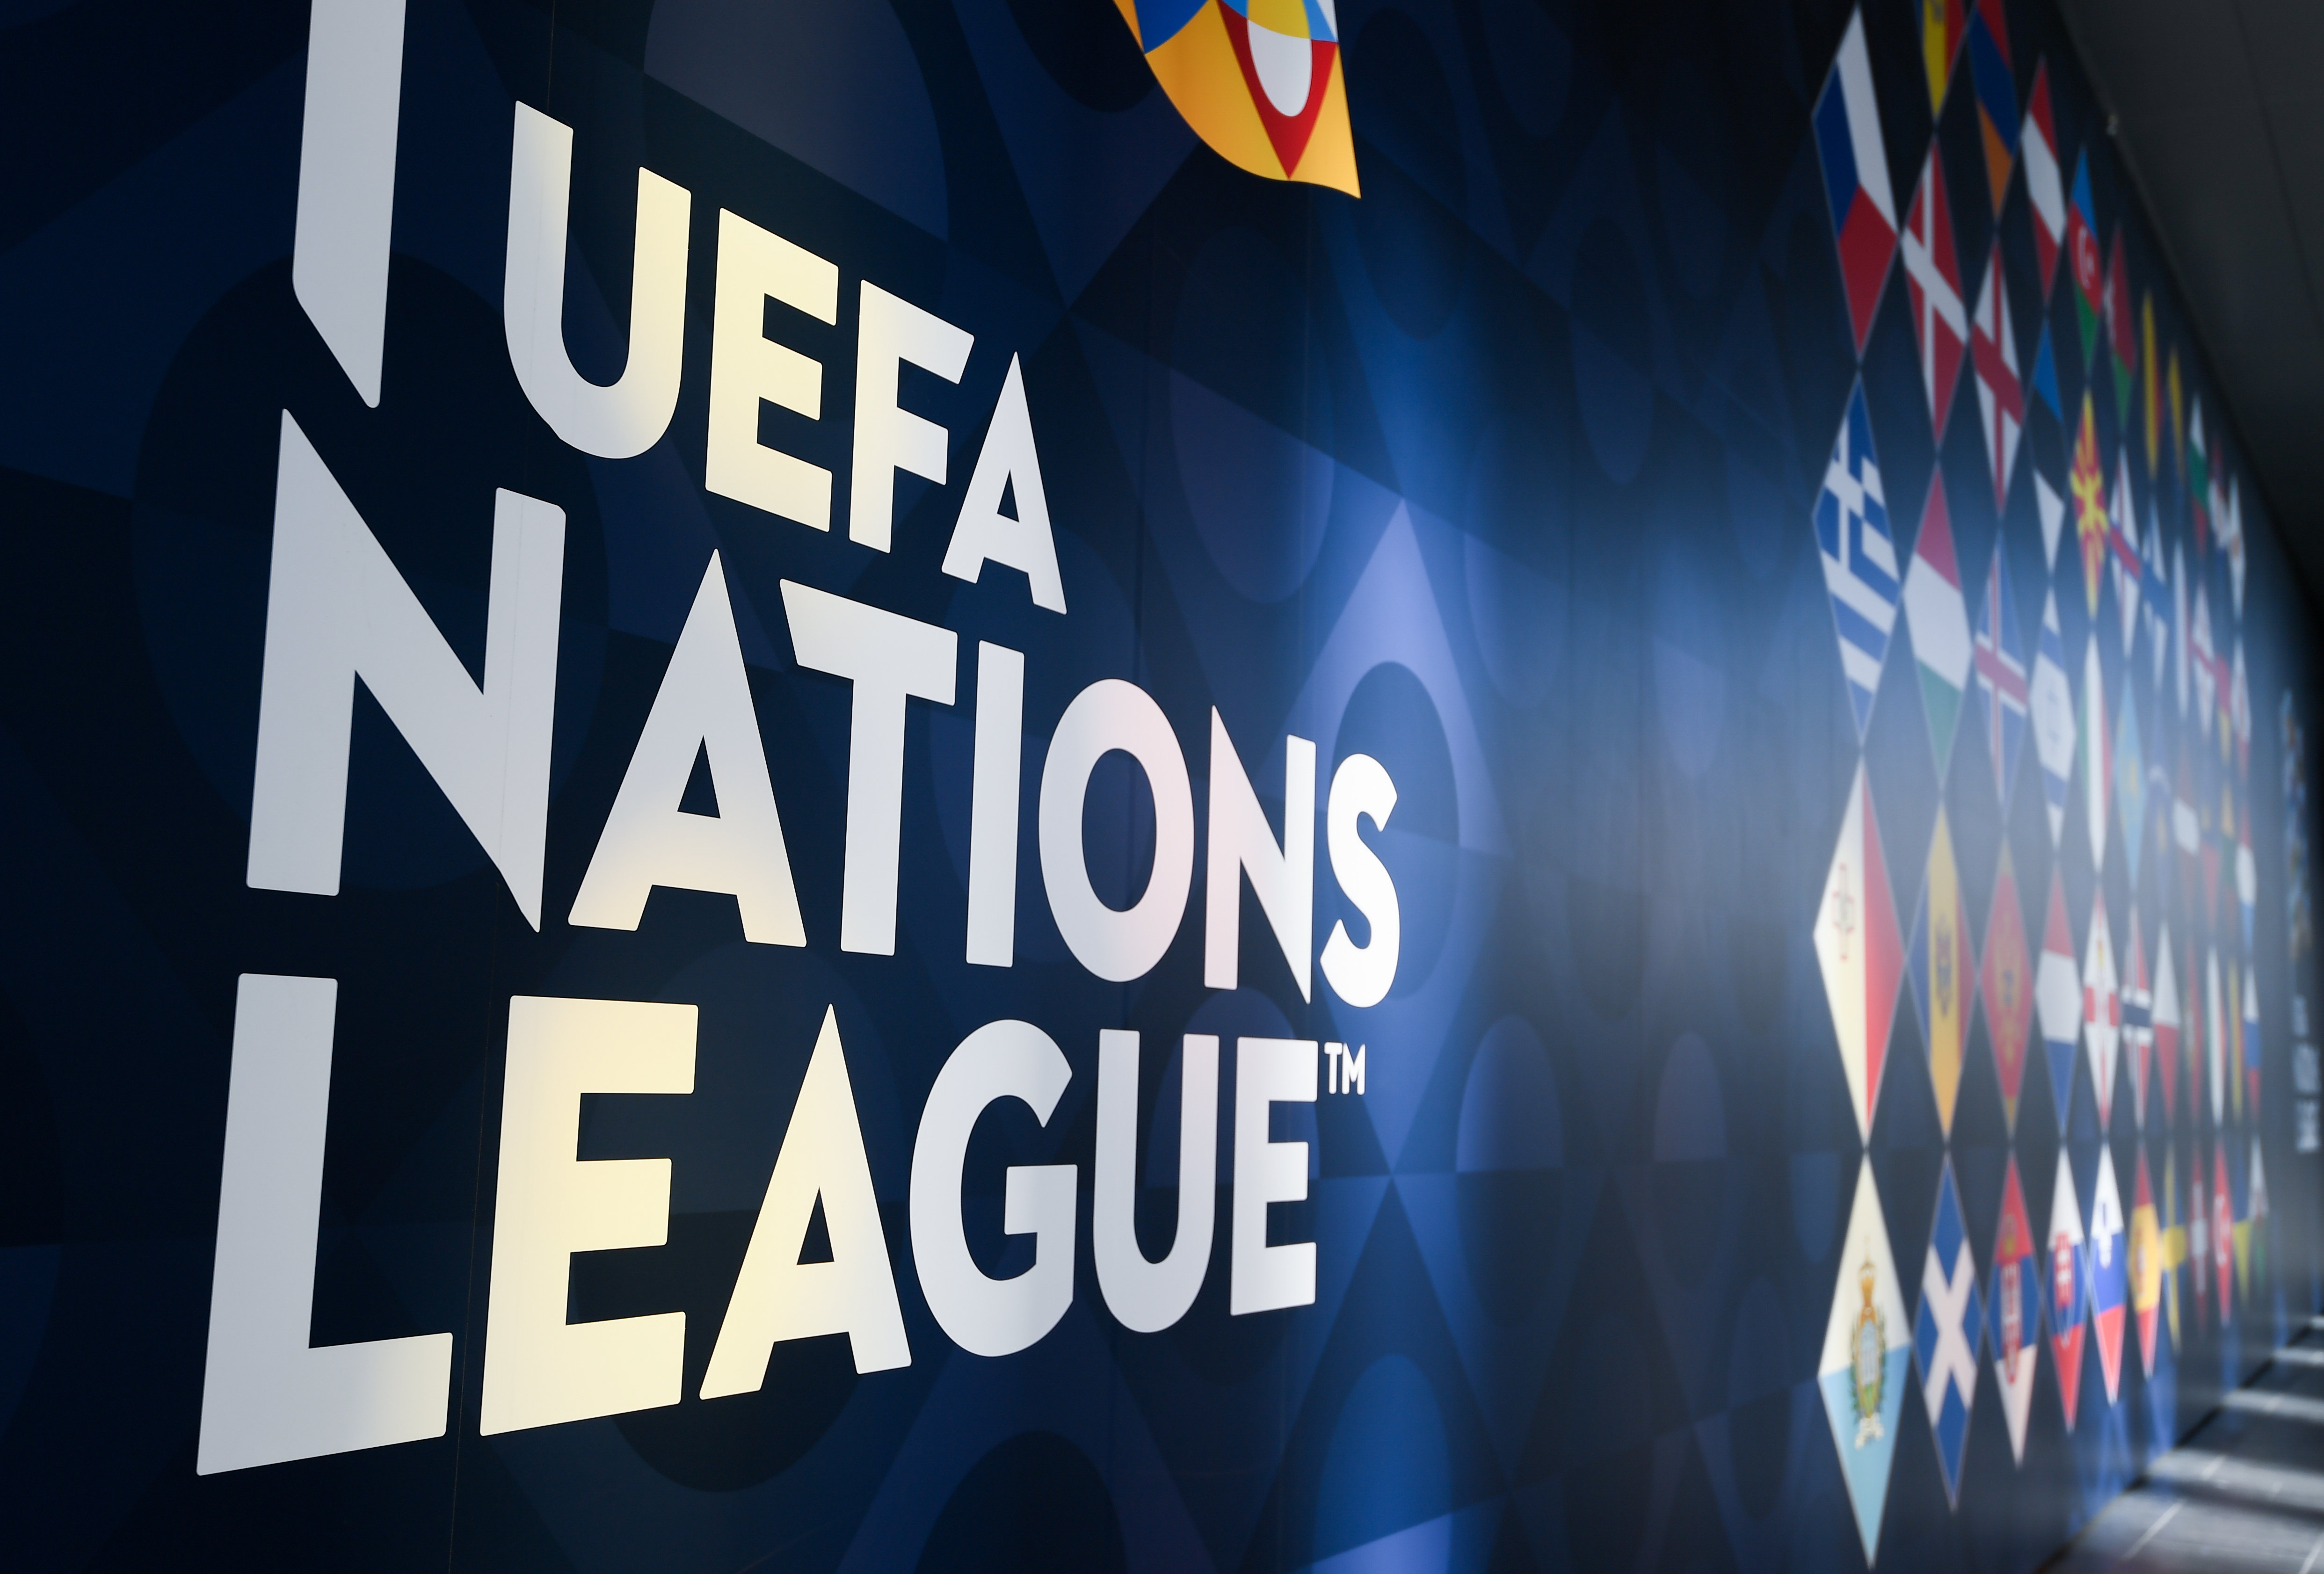 25aa0ddf4e5 Laupäeval on A. Le Coq Arenal ajalooline päev. Kordagi varem pole Eesti  võõrustanud vastast UEFA Rahvuste liiga mängul. Võistlus on uus ja huvitav  teiste ...